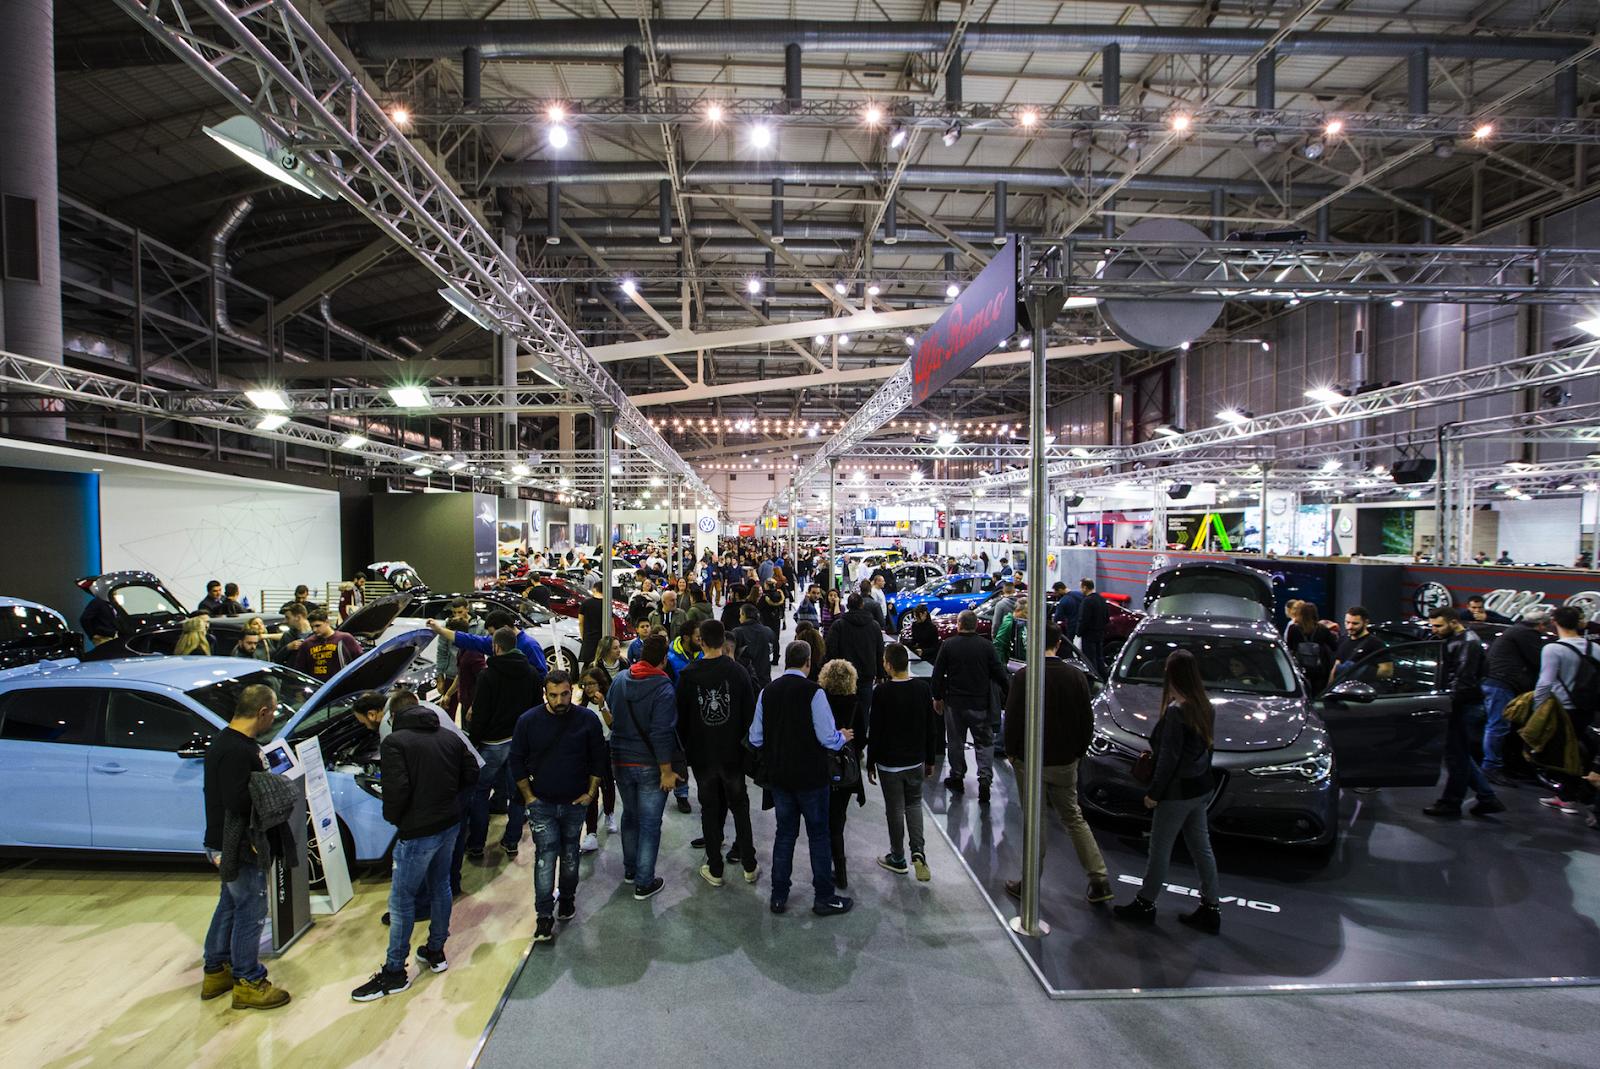 autok2 1 Ρεκόρ επισκεπτών στην έκθεση αυτοκινήτου ΑΥΤΟΚΙΝΗΣΗ ΕΚΟ 2018 Έκθεση